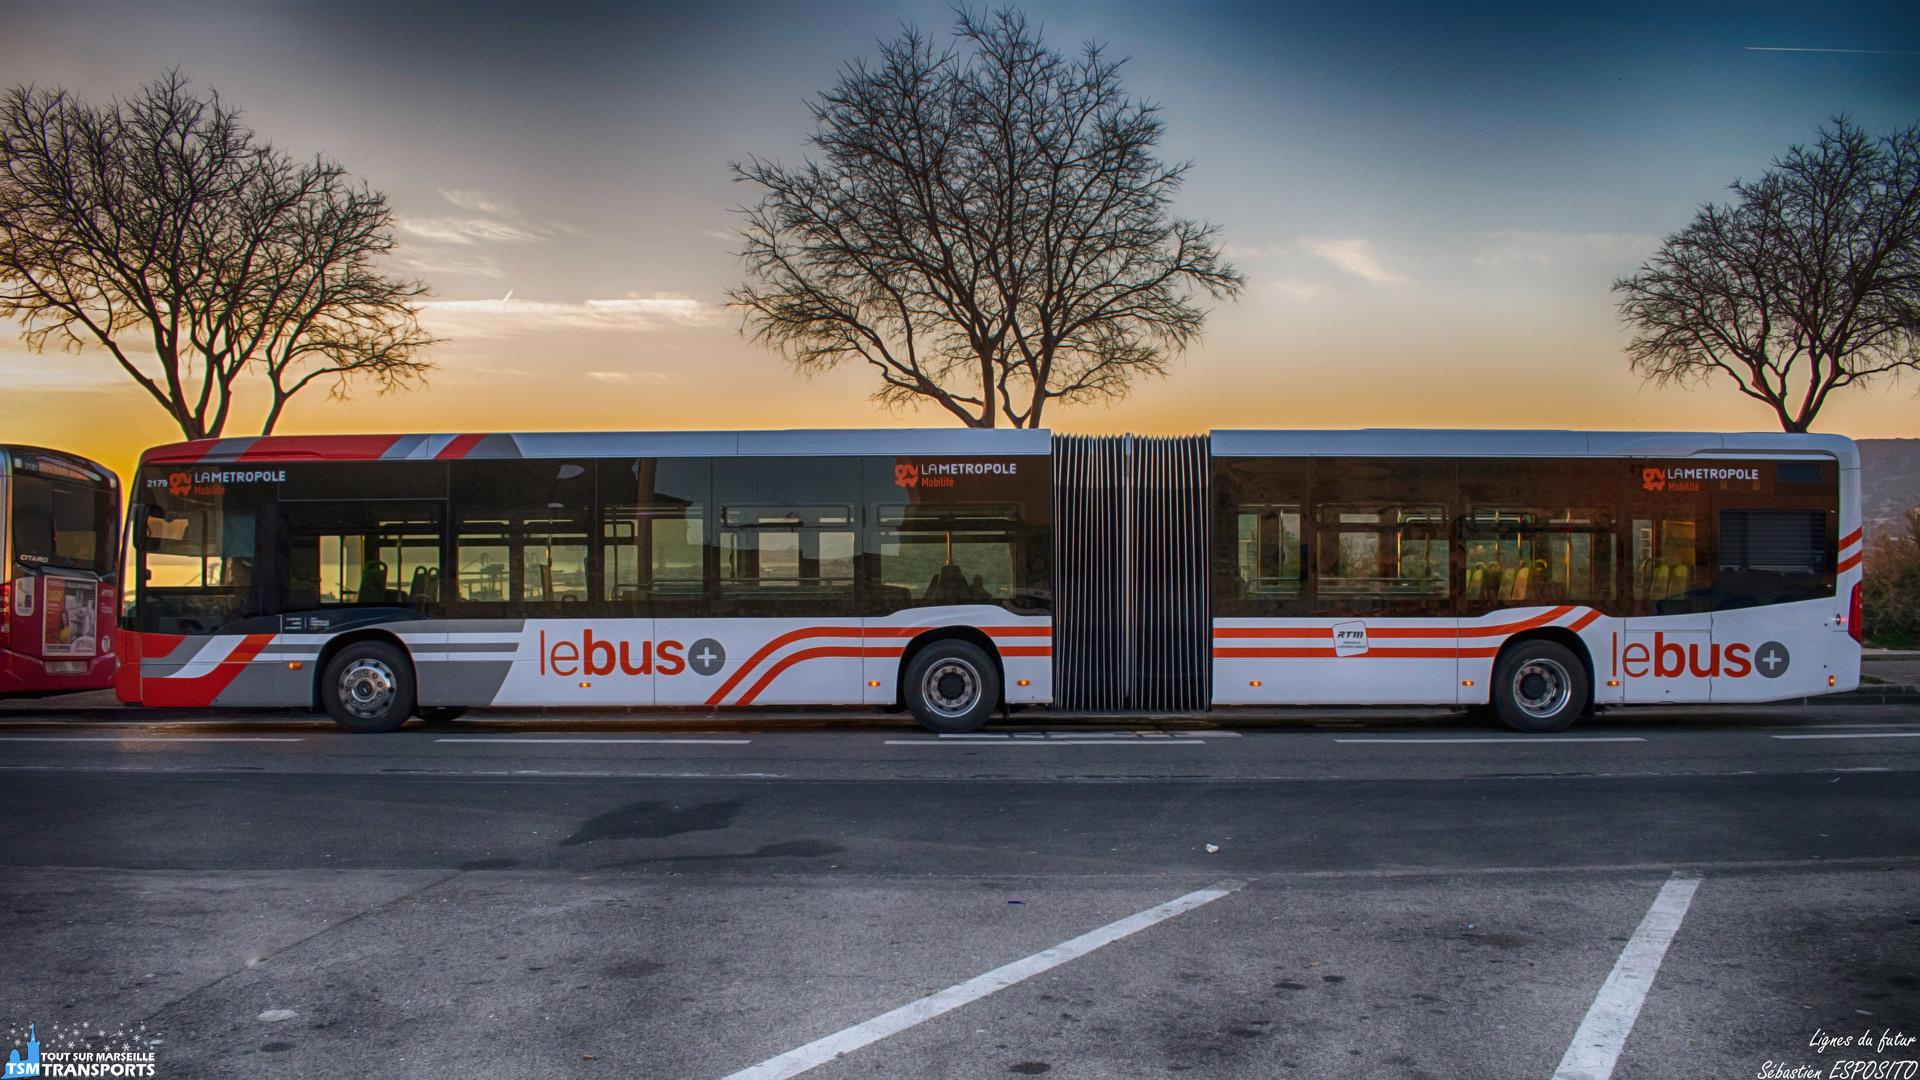 Vous l'avez certainement déjà remarqué, Marseille se teinte au fur et à mesure de couleurs chaudes sur les véhicules de transport en commun et plus largement, tous les réseaux de la métropole se pare de cette livrée qui change du tout au tout avec celles que nous avons l'habitude de voir. . La 2179 est la première de la 3eme série de livraison de Citaro 2 G BHNS et par conséquent, elle a servi de cobaye pour l'application de cette livrée alors qu'elle est arrivée à Evobus en livrée vague. . Elle a participé dans la foulée à la Foire Internationale de Marseille avant d'être conservée bien secrètement à La Rose, pour finir finalement sur la 70 du dépôt Arenc. . C'est au terminus de la 70, au lycée Saint Exupéry, que je peux enfin la reprendre en photo dans sa nouvelle robe sur un fond de coucher de soleil. . ℹ️ Mercedes Benz Citaro 2 G Euro 6 BHNS RTM n°2179 livrée LMM. . 📍 Lycée Saint Exupéry, Chemin de la Madrague Ville, 15eme arrondissement de Marseille. . ↔️ 70 : Canebière Bourse - Lycée Saint Exupéry. . 📸 Nikon D5600. . 📷 Nikkor 18-55mm. . 📅 22 février 2019 à 18:05. . 👨 Sébastien ESPOSITO.